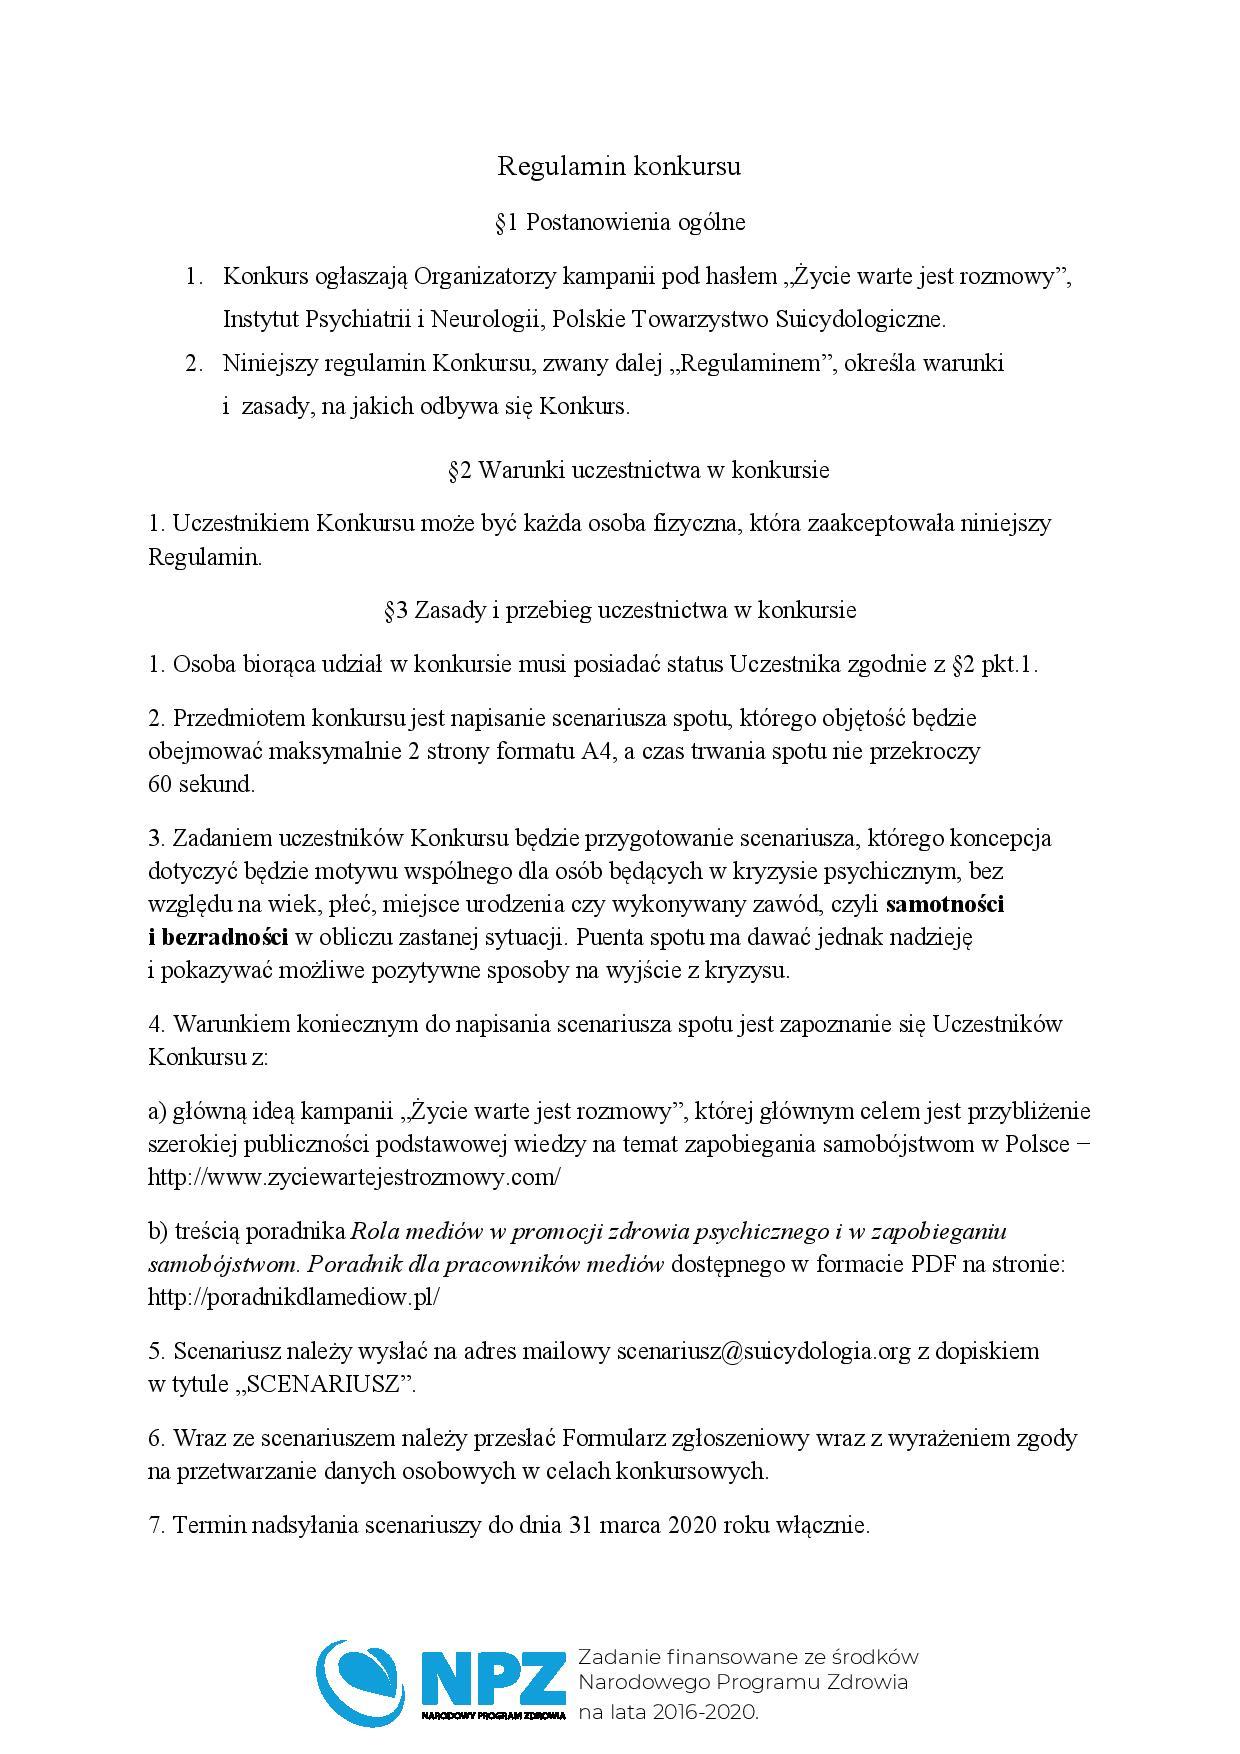 Regulamin_konkursu-page-001